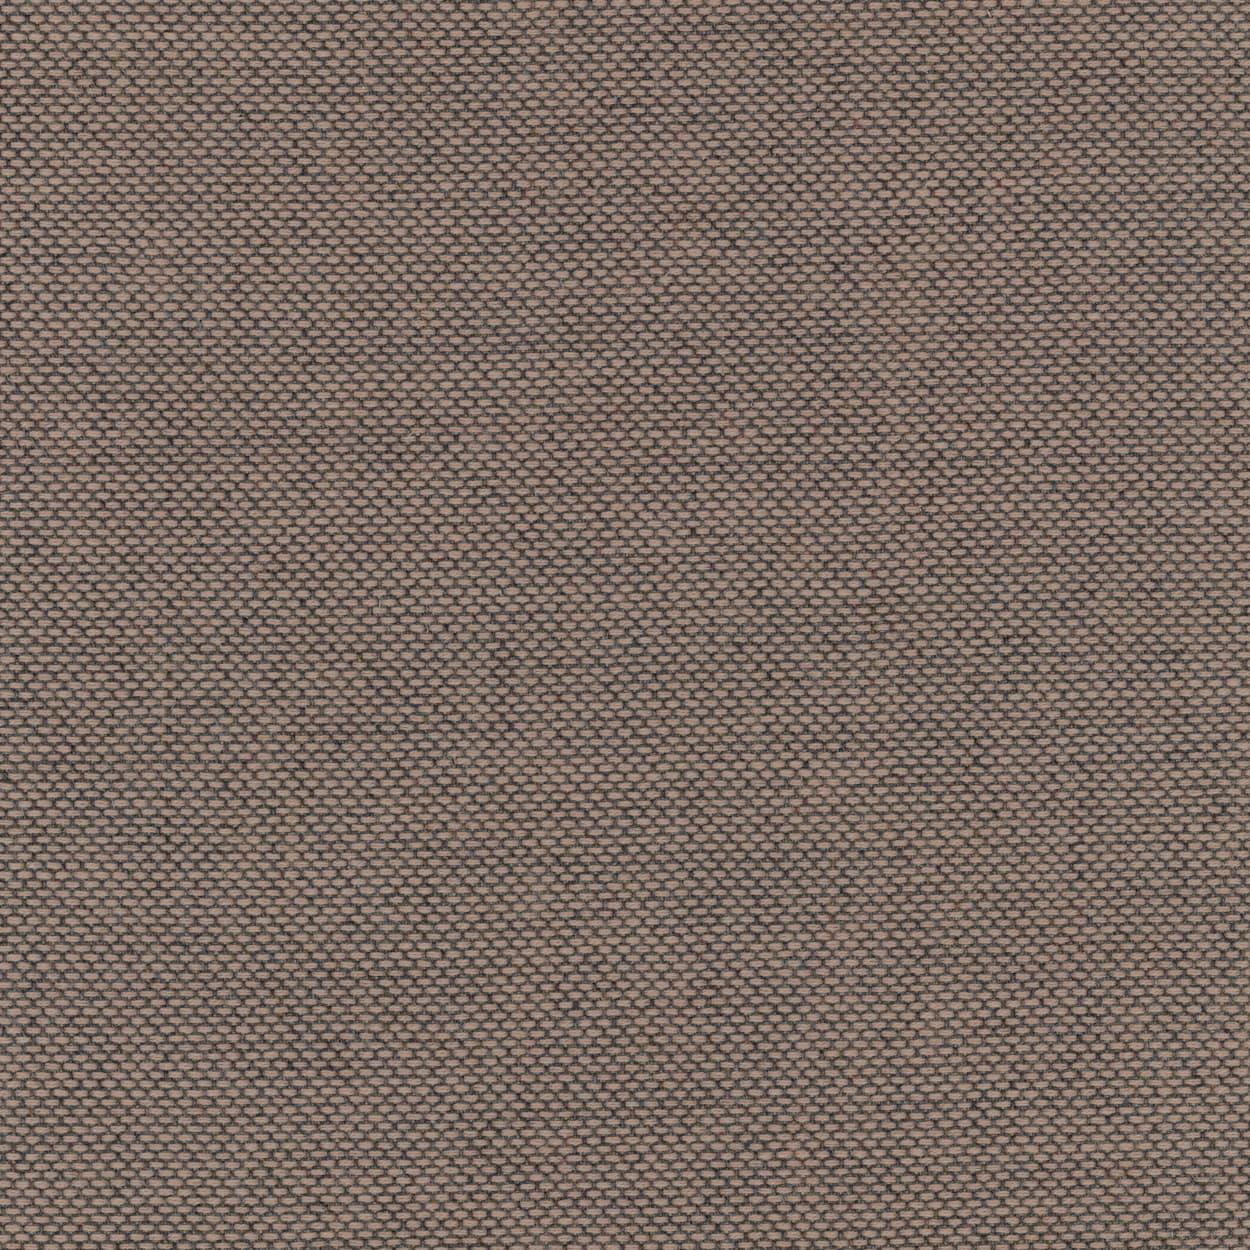 Re-Wool 628